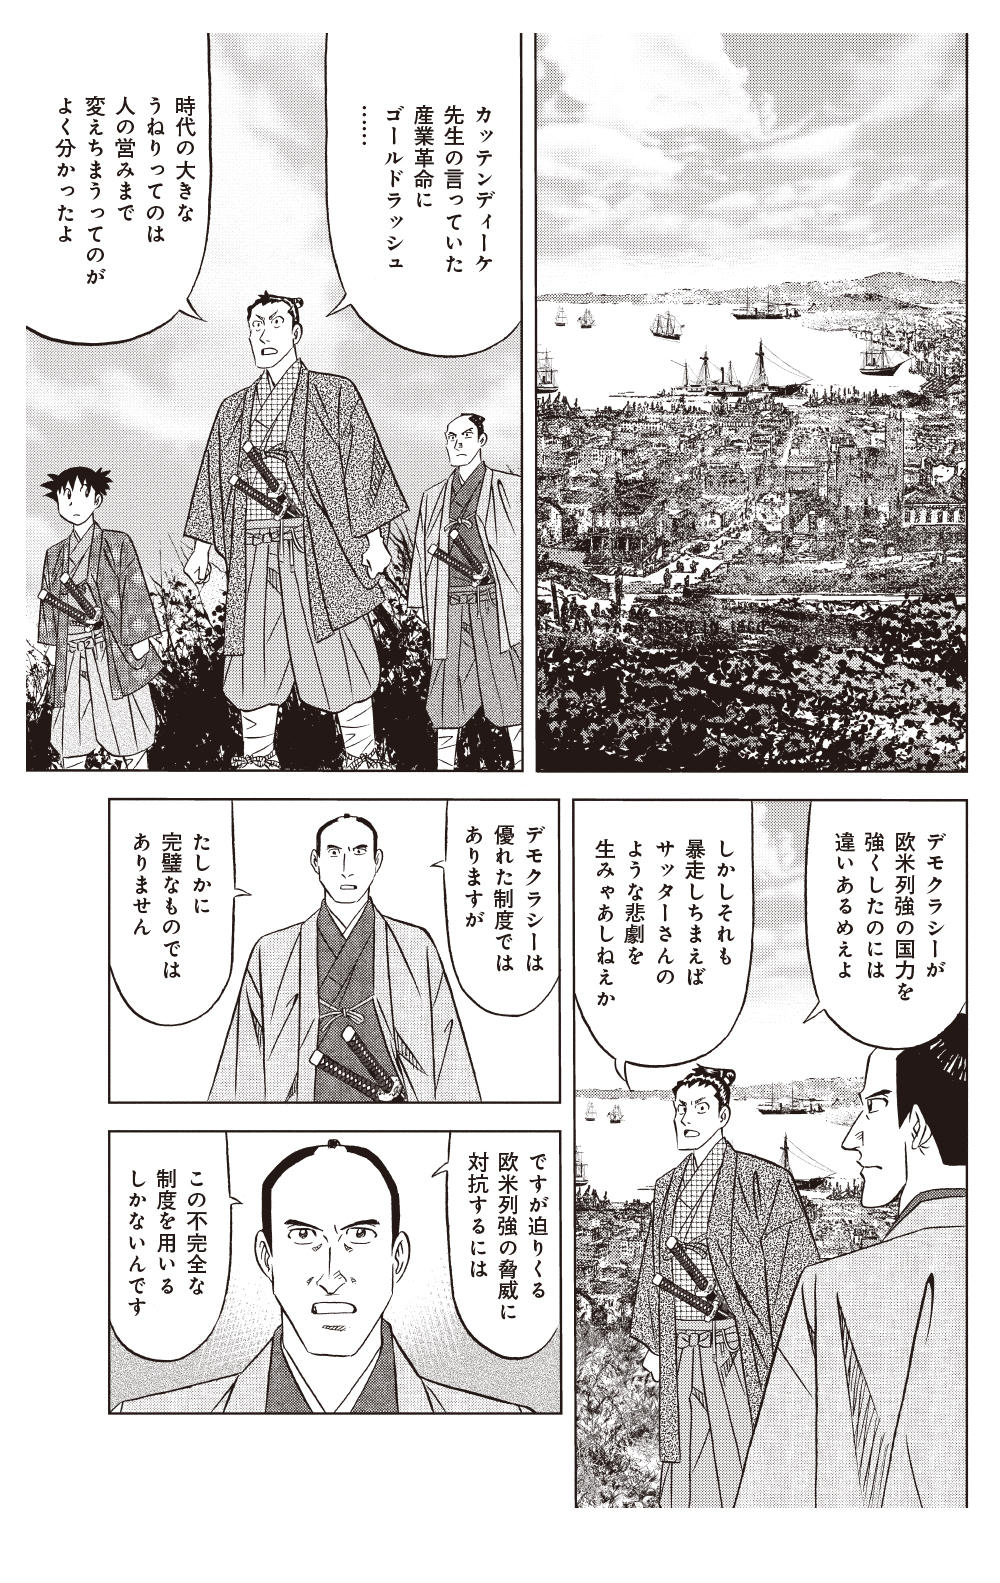 ミスター味っ子 幕末編 第3話「黄金大陸」②ajikko02-105.jpg